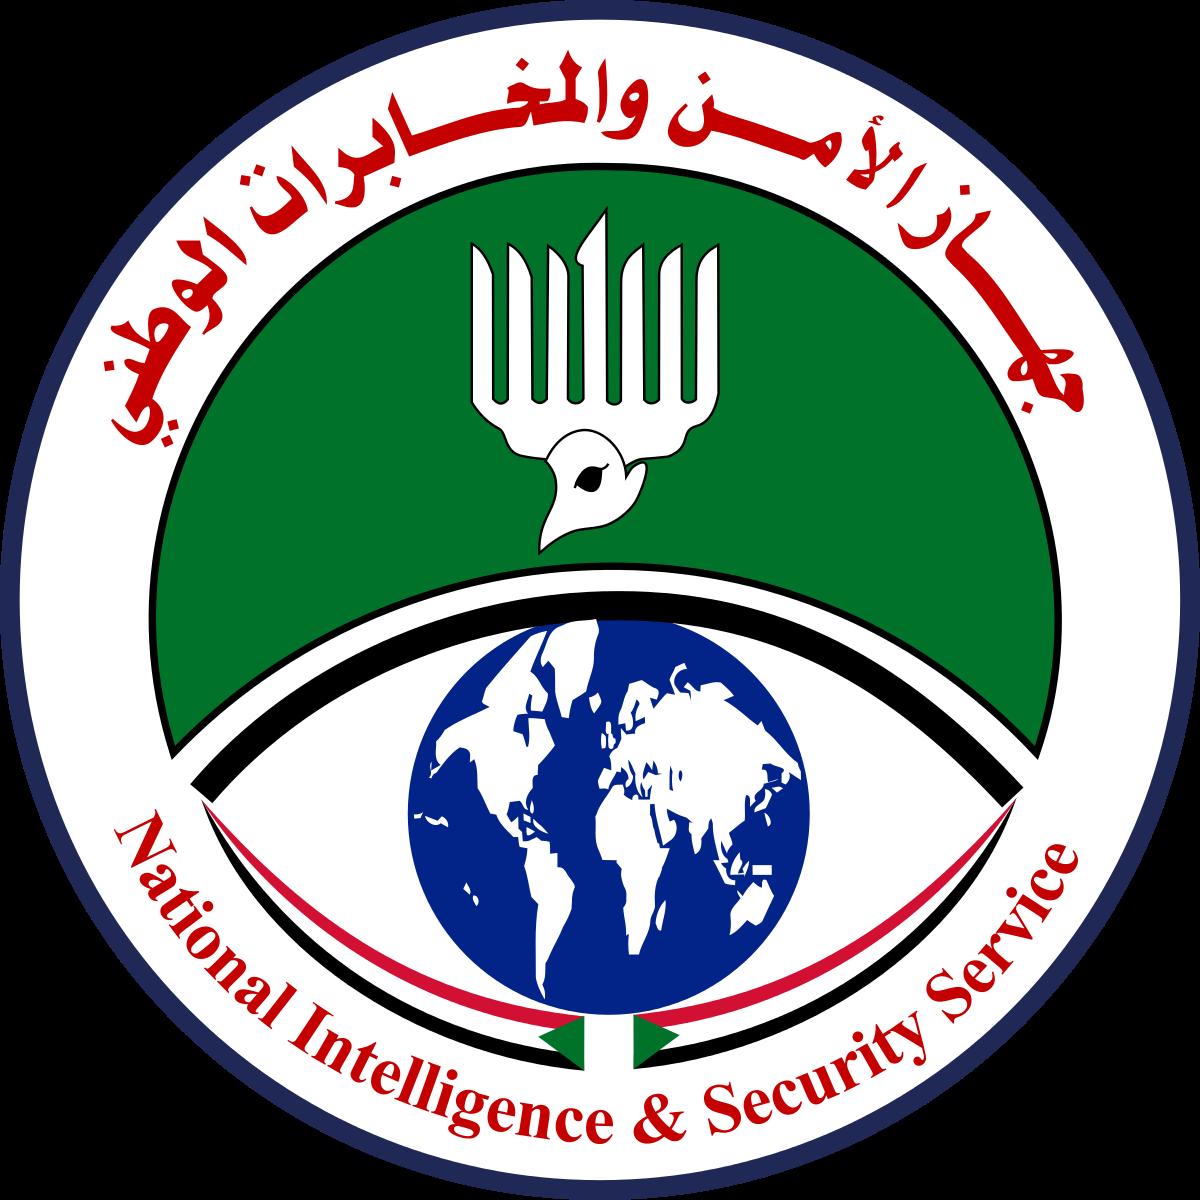 نريد فك طلاسم جهاز الأمن الداخلي! | undefined